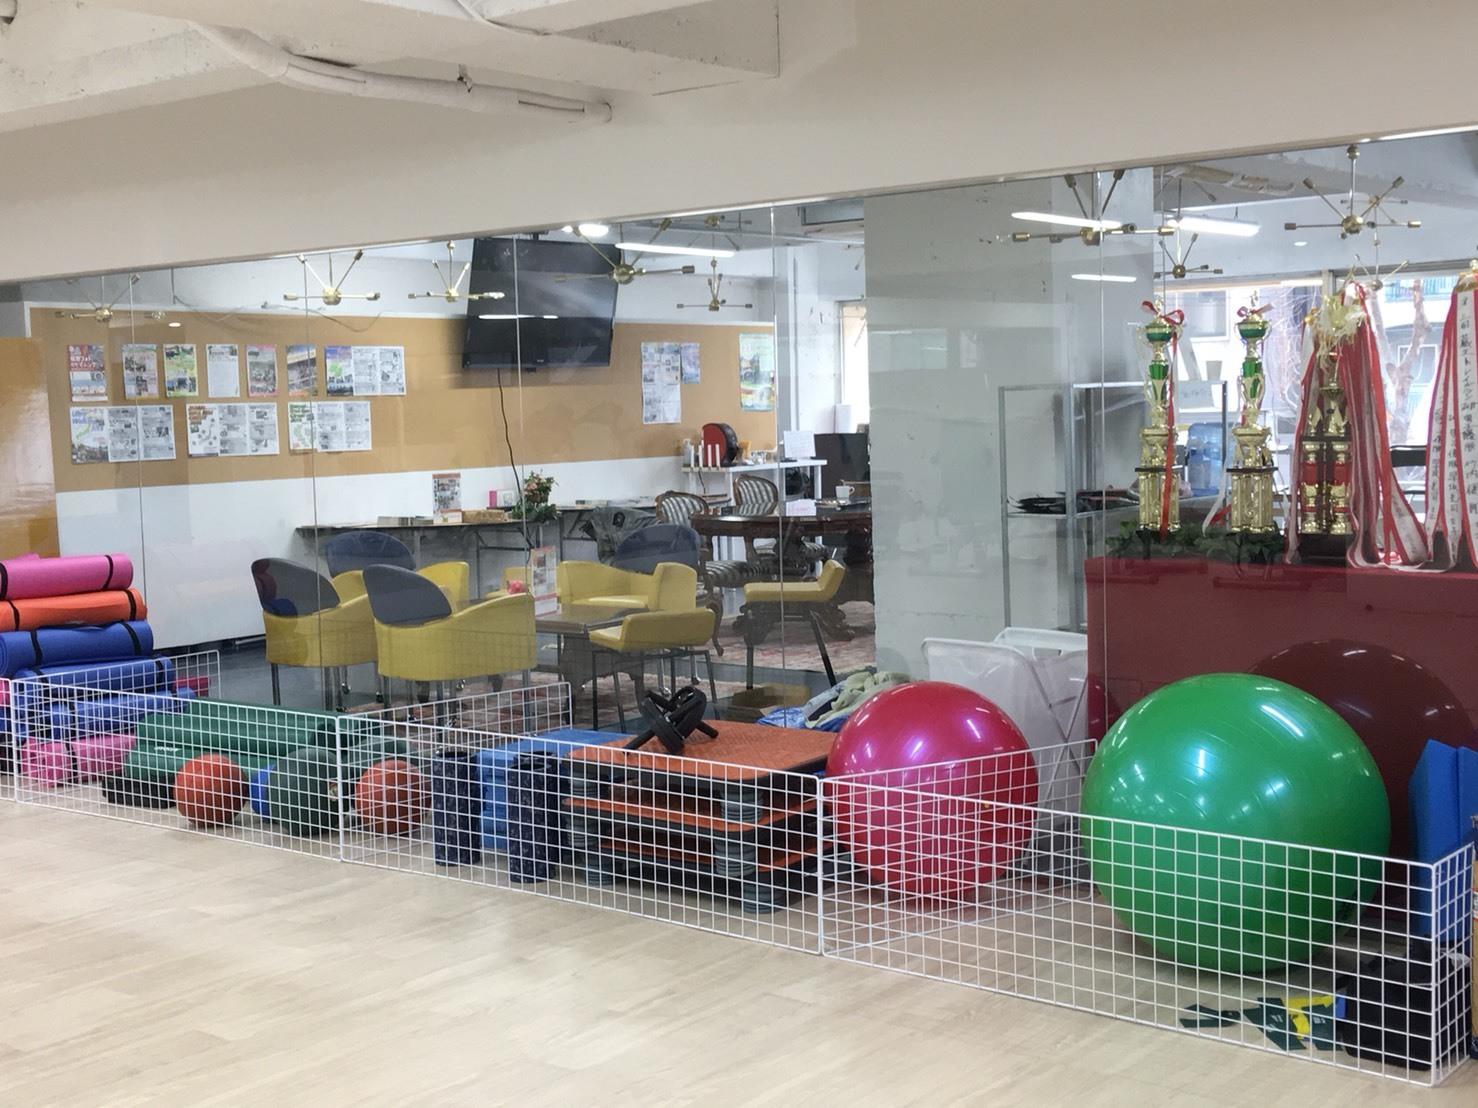 スポーツアスリートサロン フィットネススタジオの設備の写真